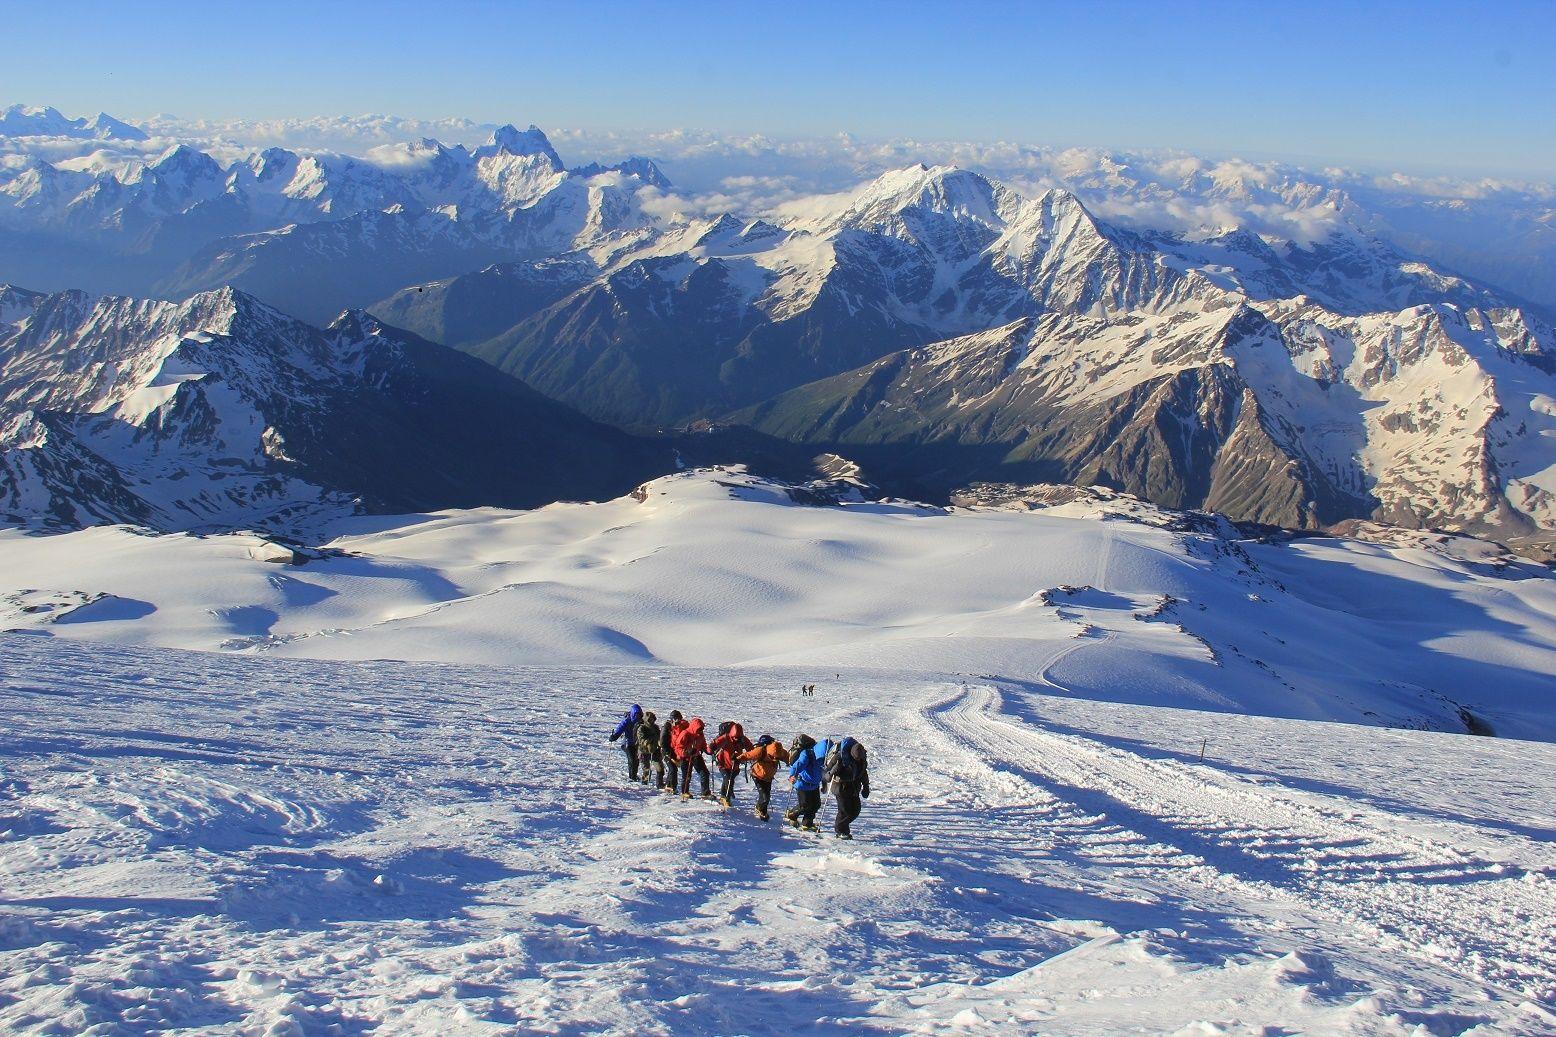 Разбушевавшаяся буря на Эльбрусе забрала жизни туристов: выживший альпинист раскрыл подробности ЧП в горах